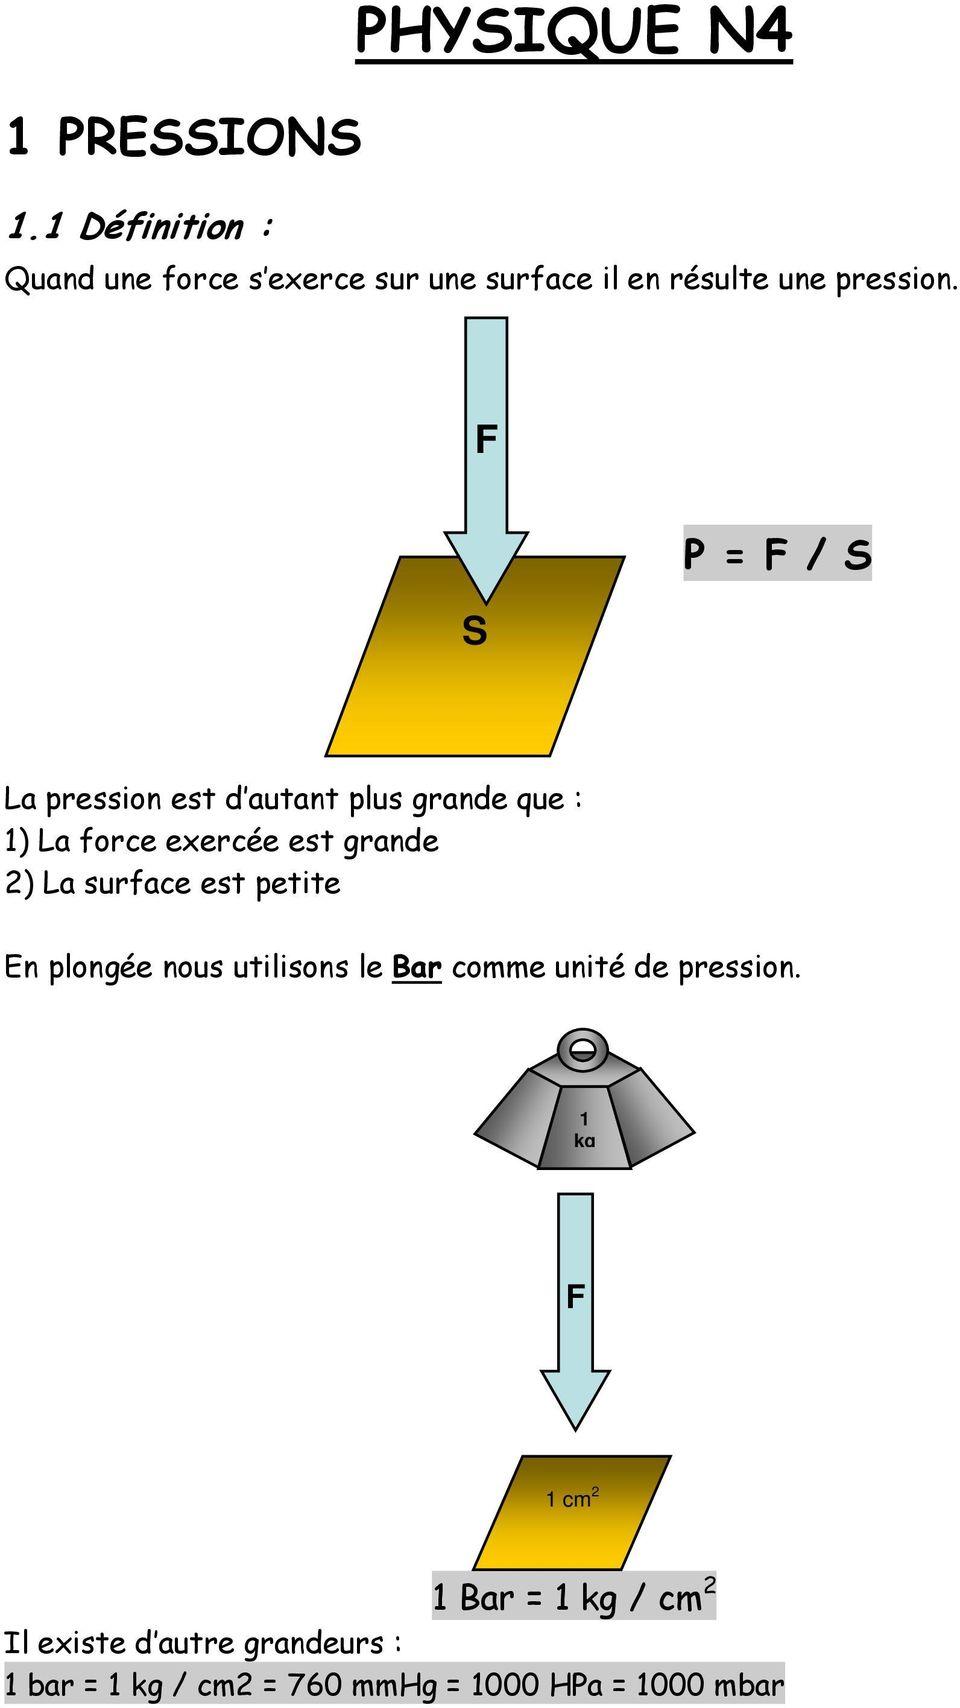 Physique N4 1 Pressions P F S 1 1 Definition 1 Bar 1 Kg Cm 2 Quand Une Force S Exerce Sur Une Surface Il En Resulte Une Pression Pdf Free Download